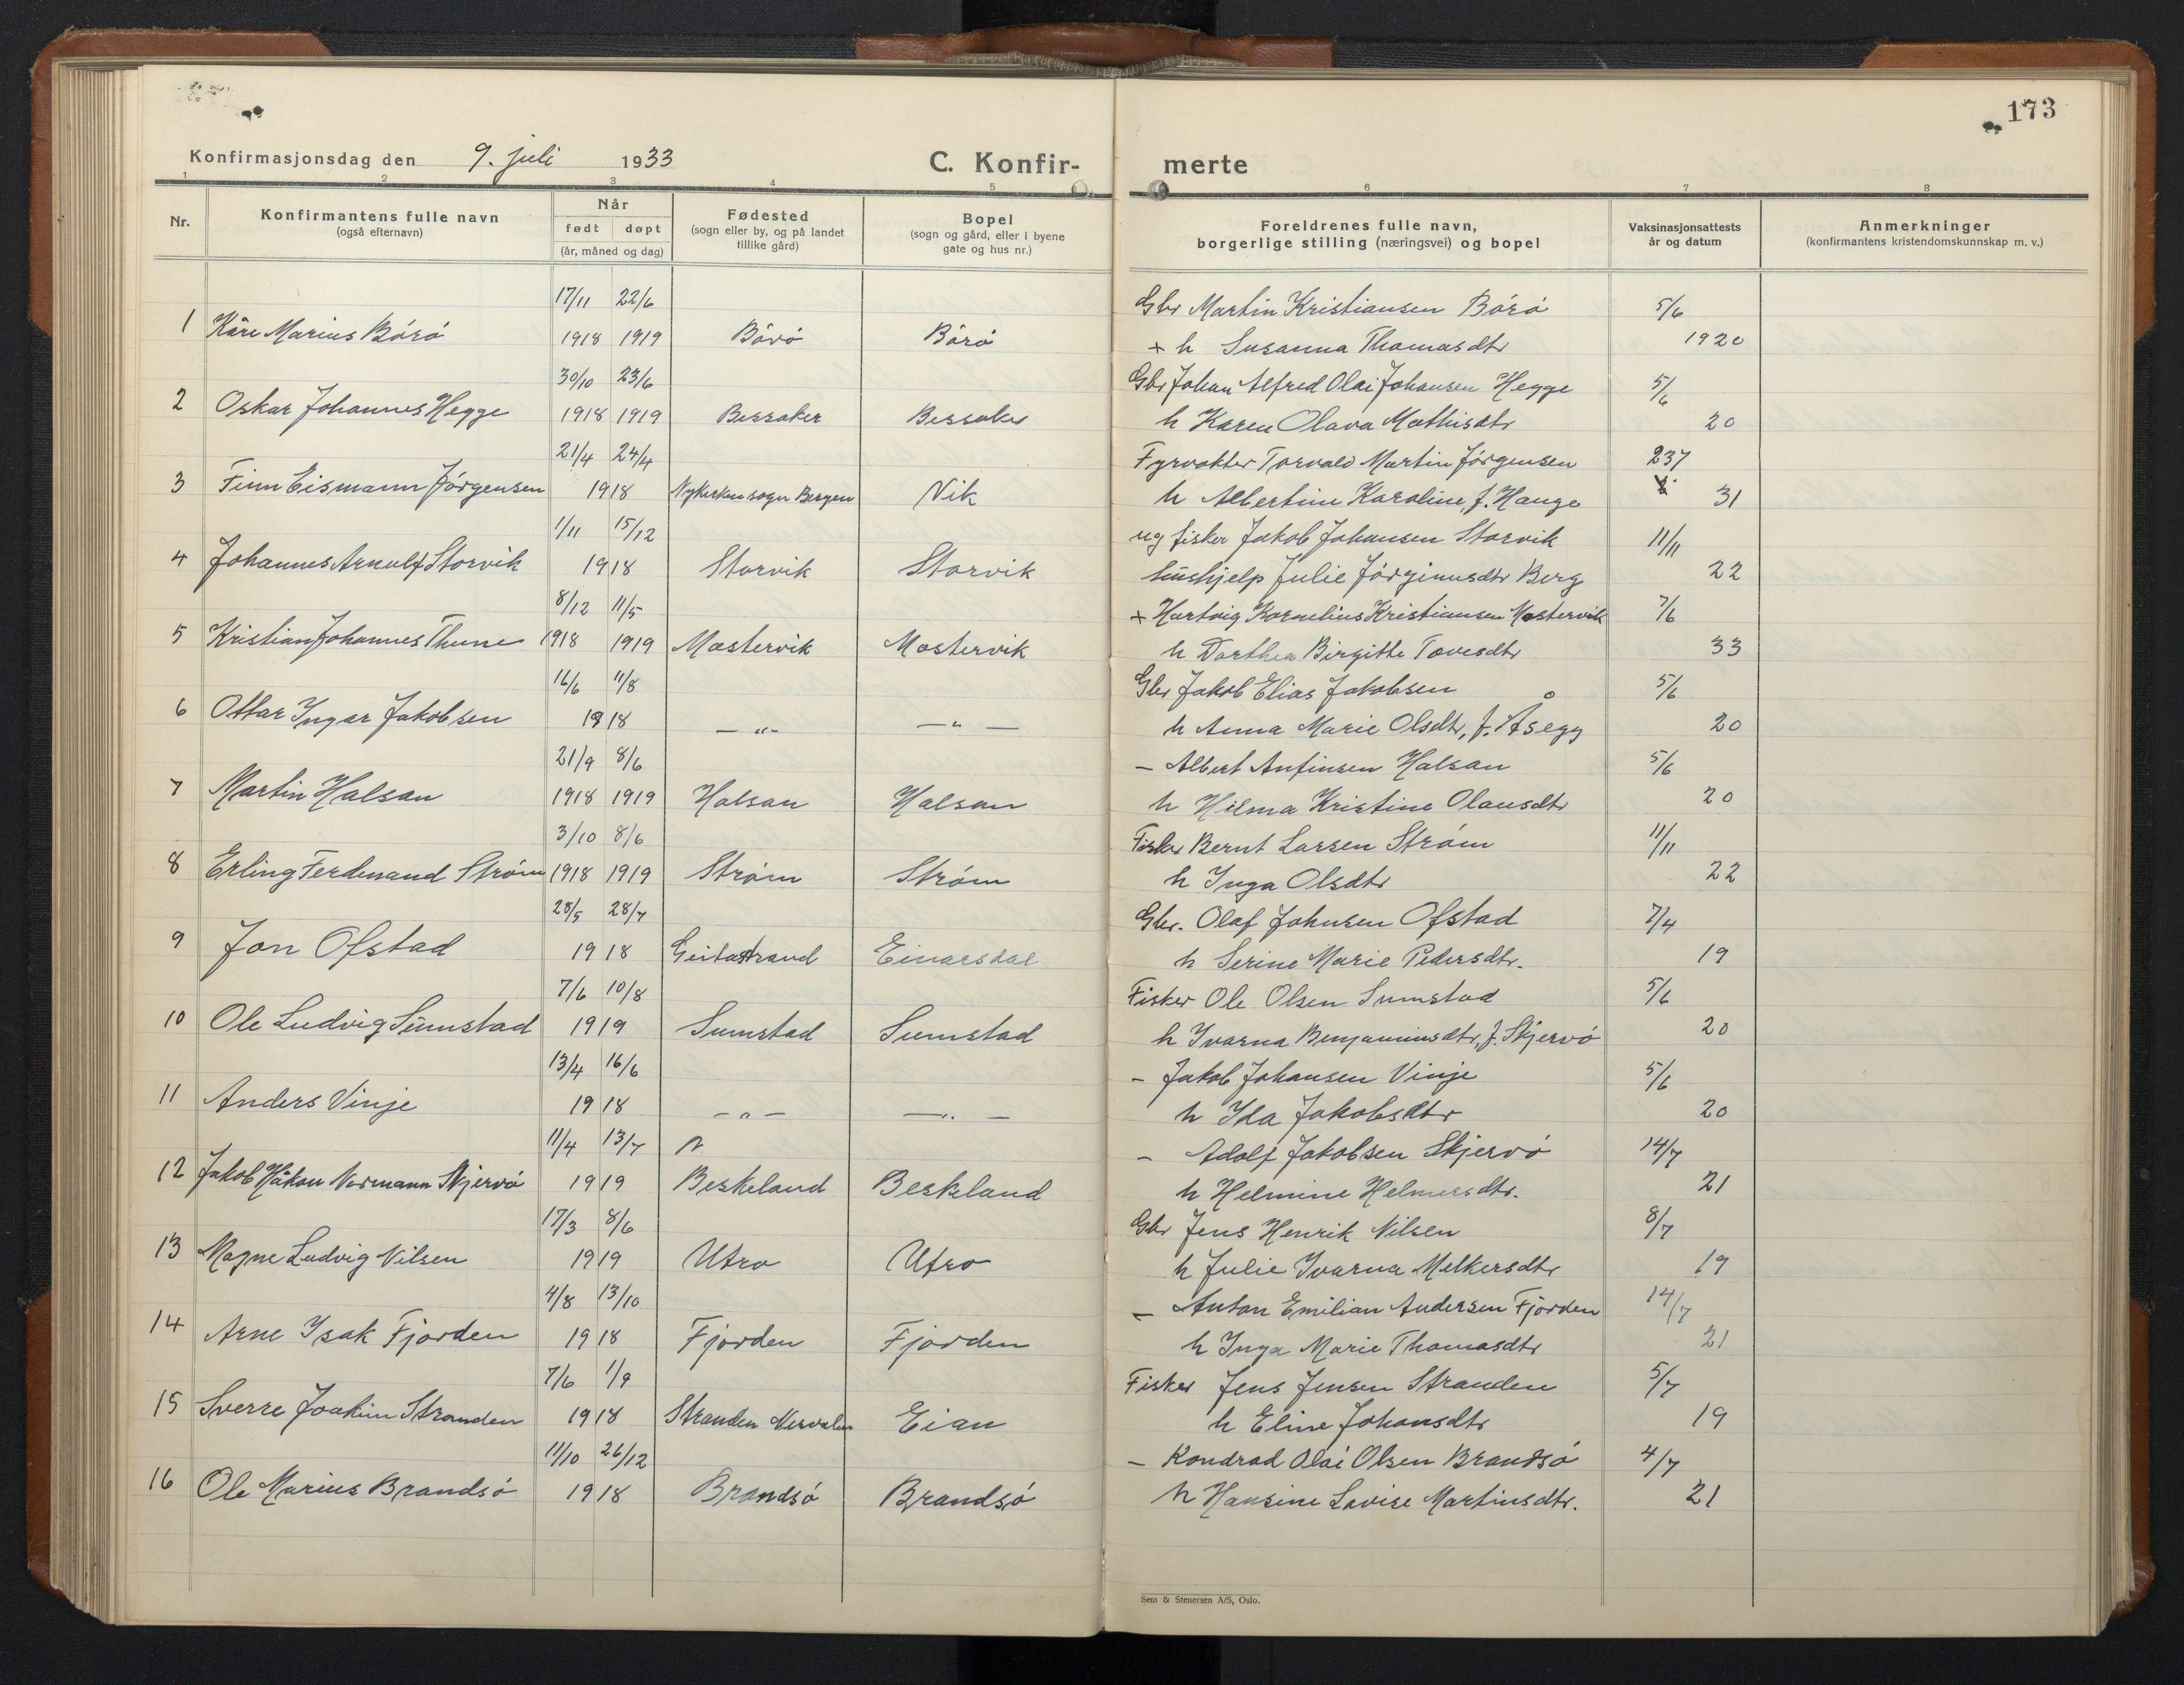 SAT, Ministerialprotokoller, klokkerbøker og fødselsregistre - Sør-Trøndelag, 657/L0718: Klokkerbok nr. 657C05, 1923-1948, s. 173